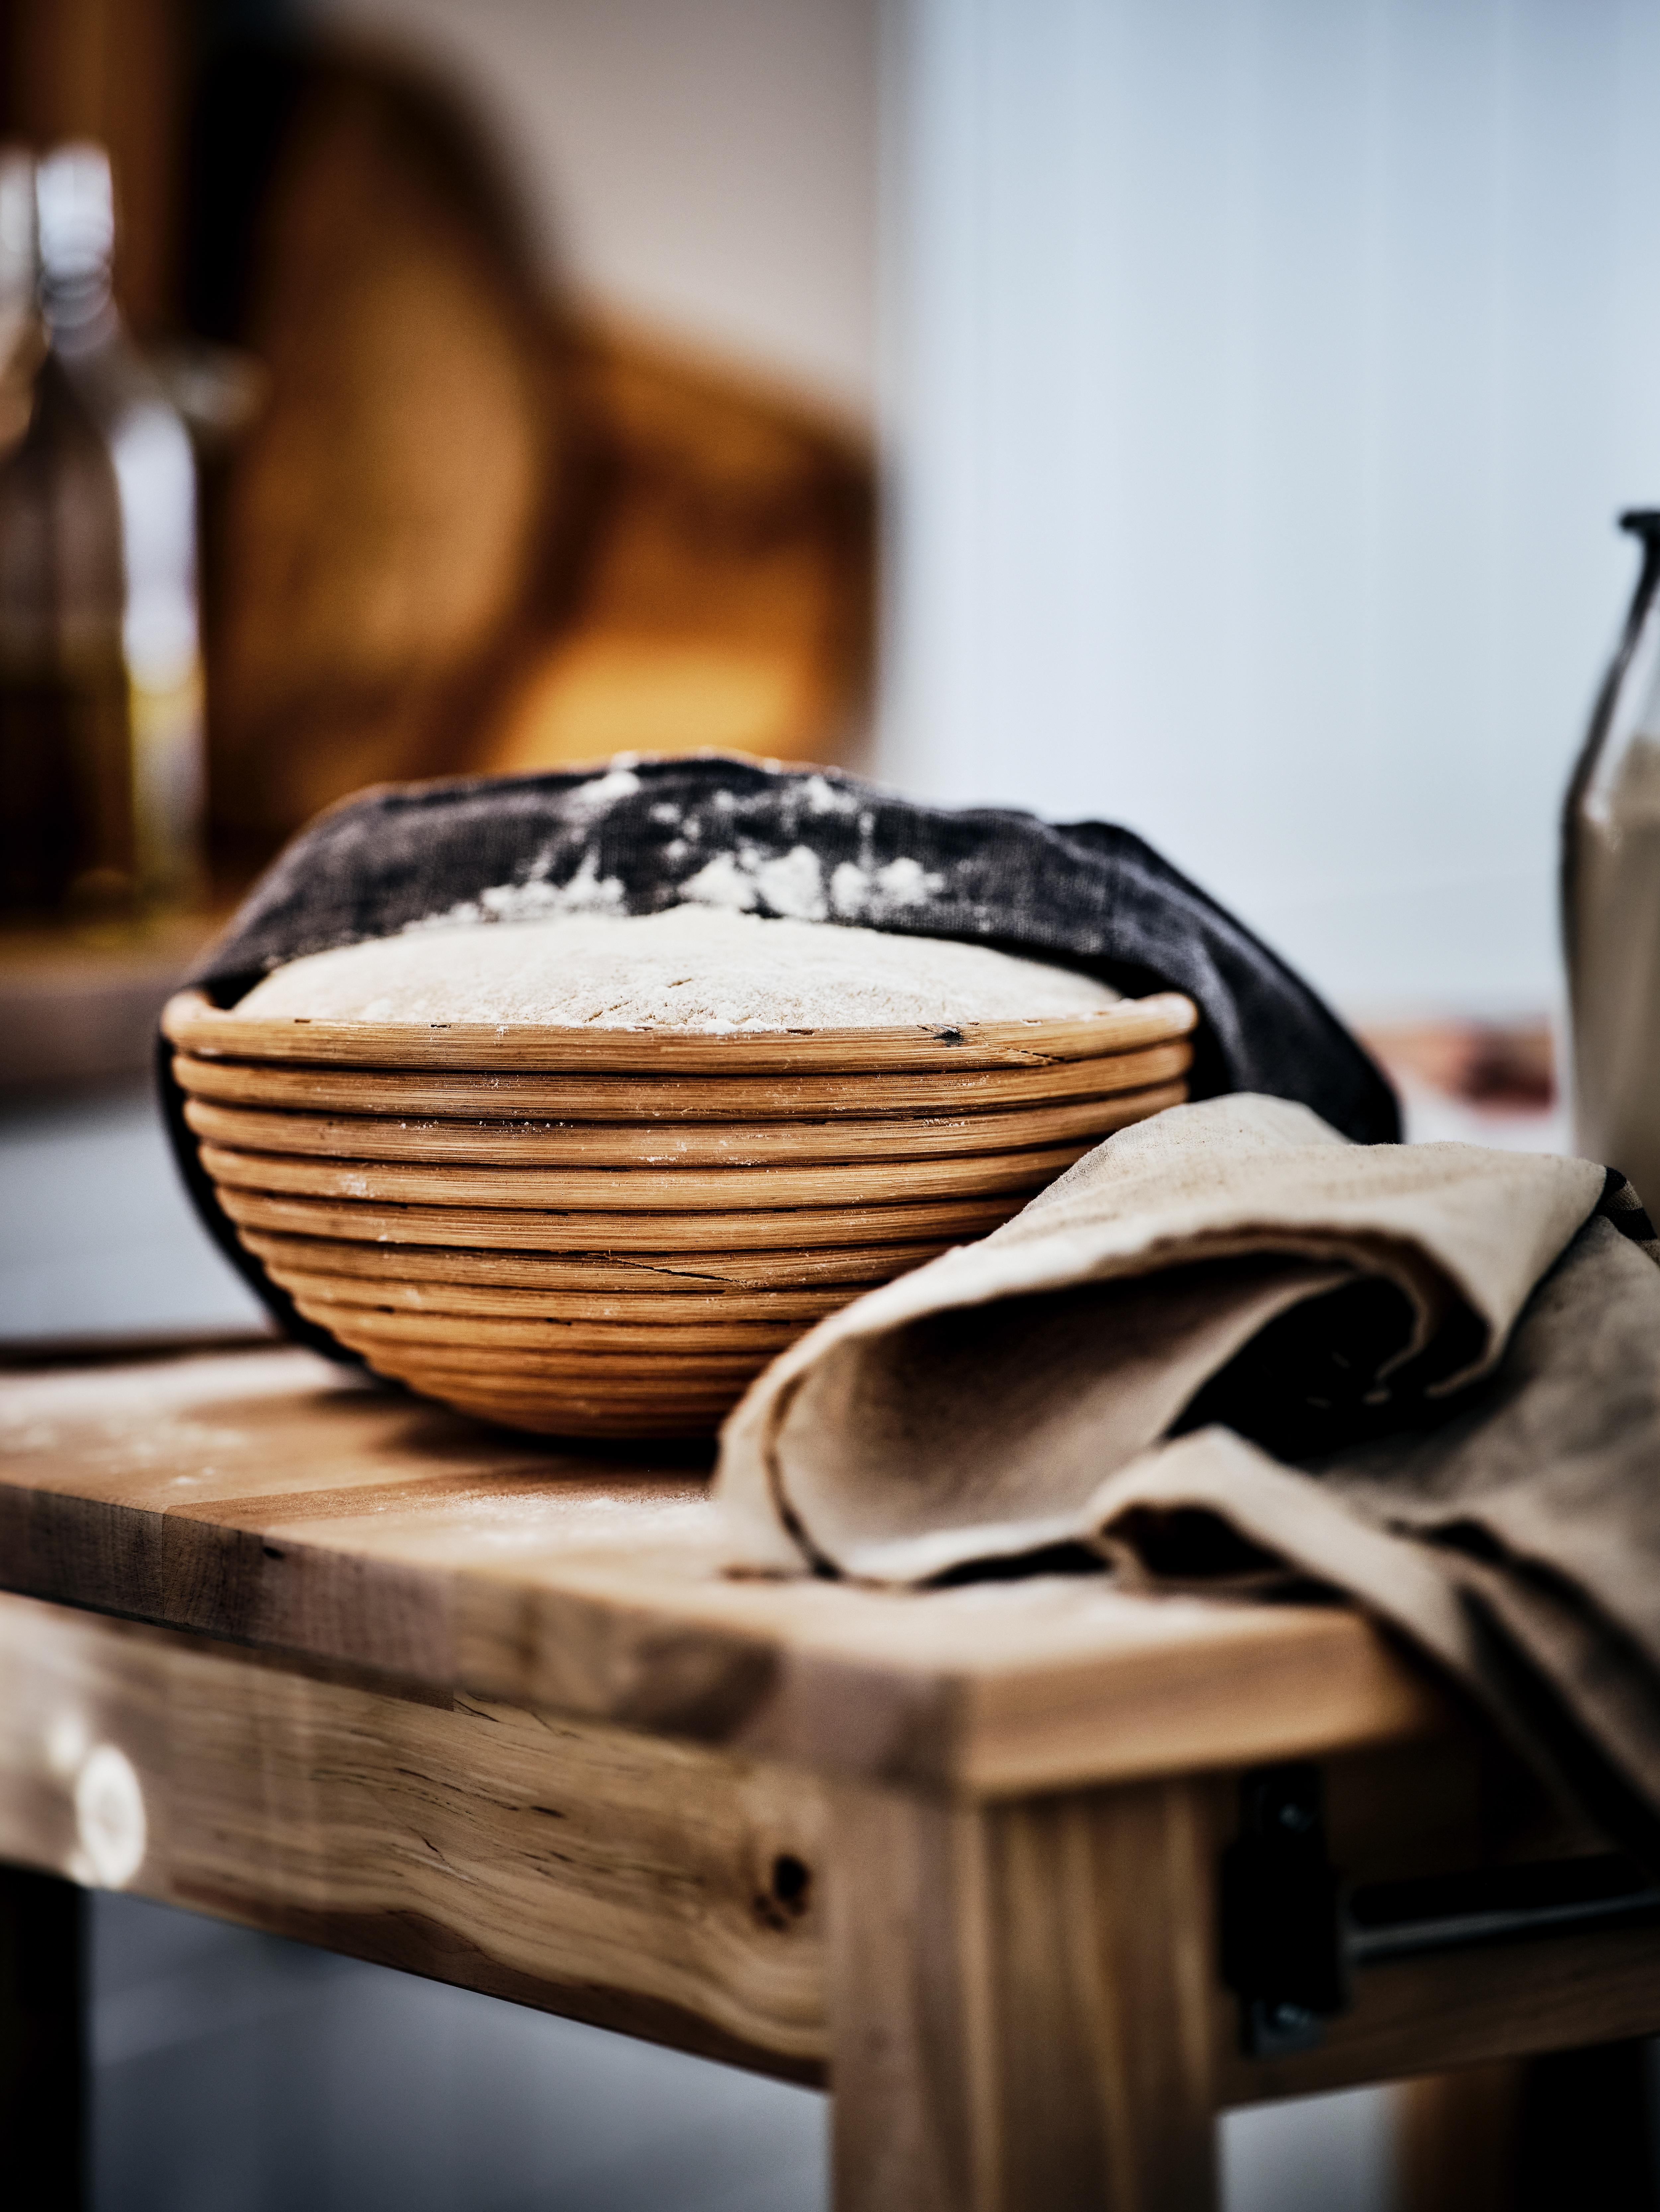 木桌上放着一个装着面团的面包发酵篮。面团上的厨房用巾掀开了一半。